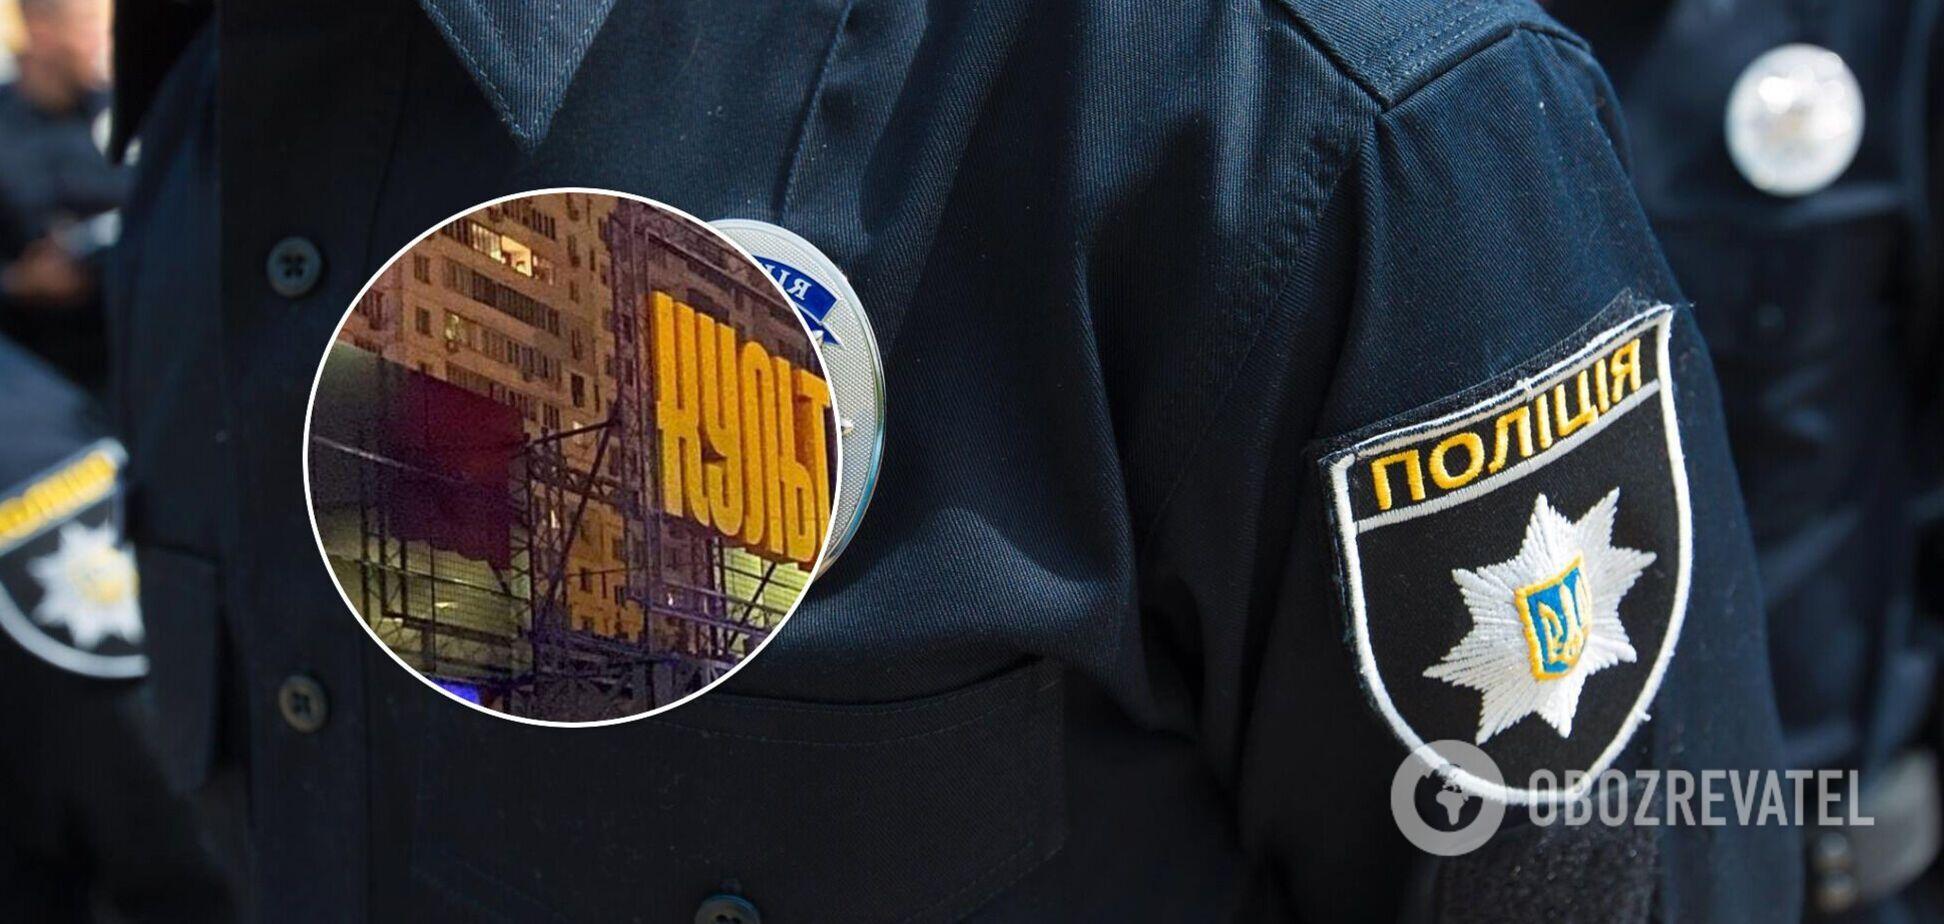 Нацполиция опровергла участие сотрудников ГФС в массовой драке в ночном клубе на Позняках